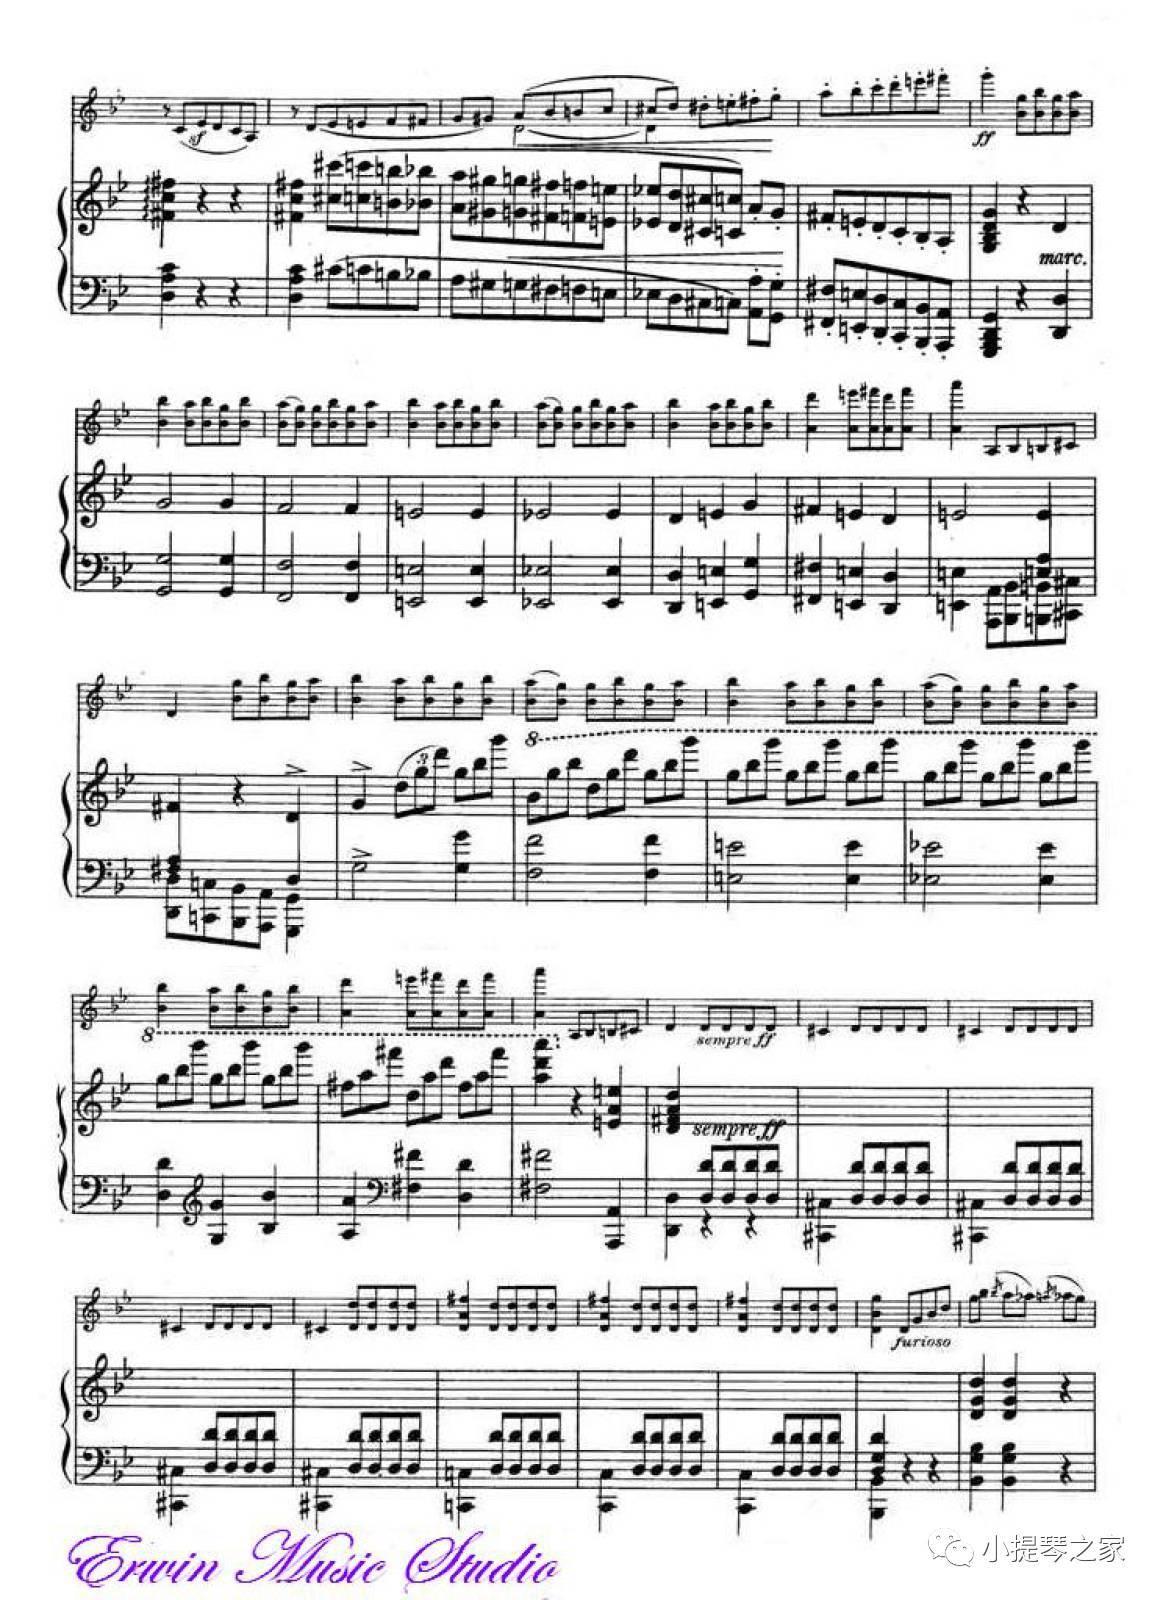 附小提琴谱 圣桑曲,杜达梅尔指挥